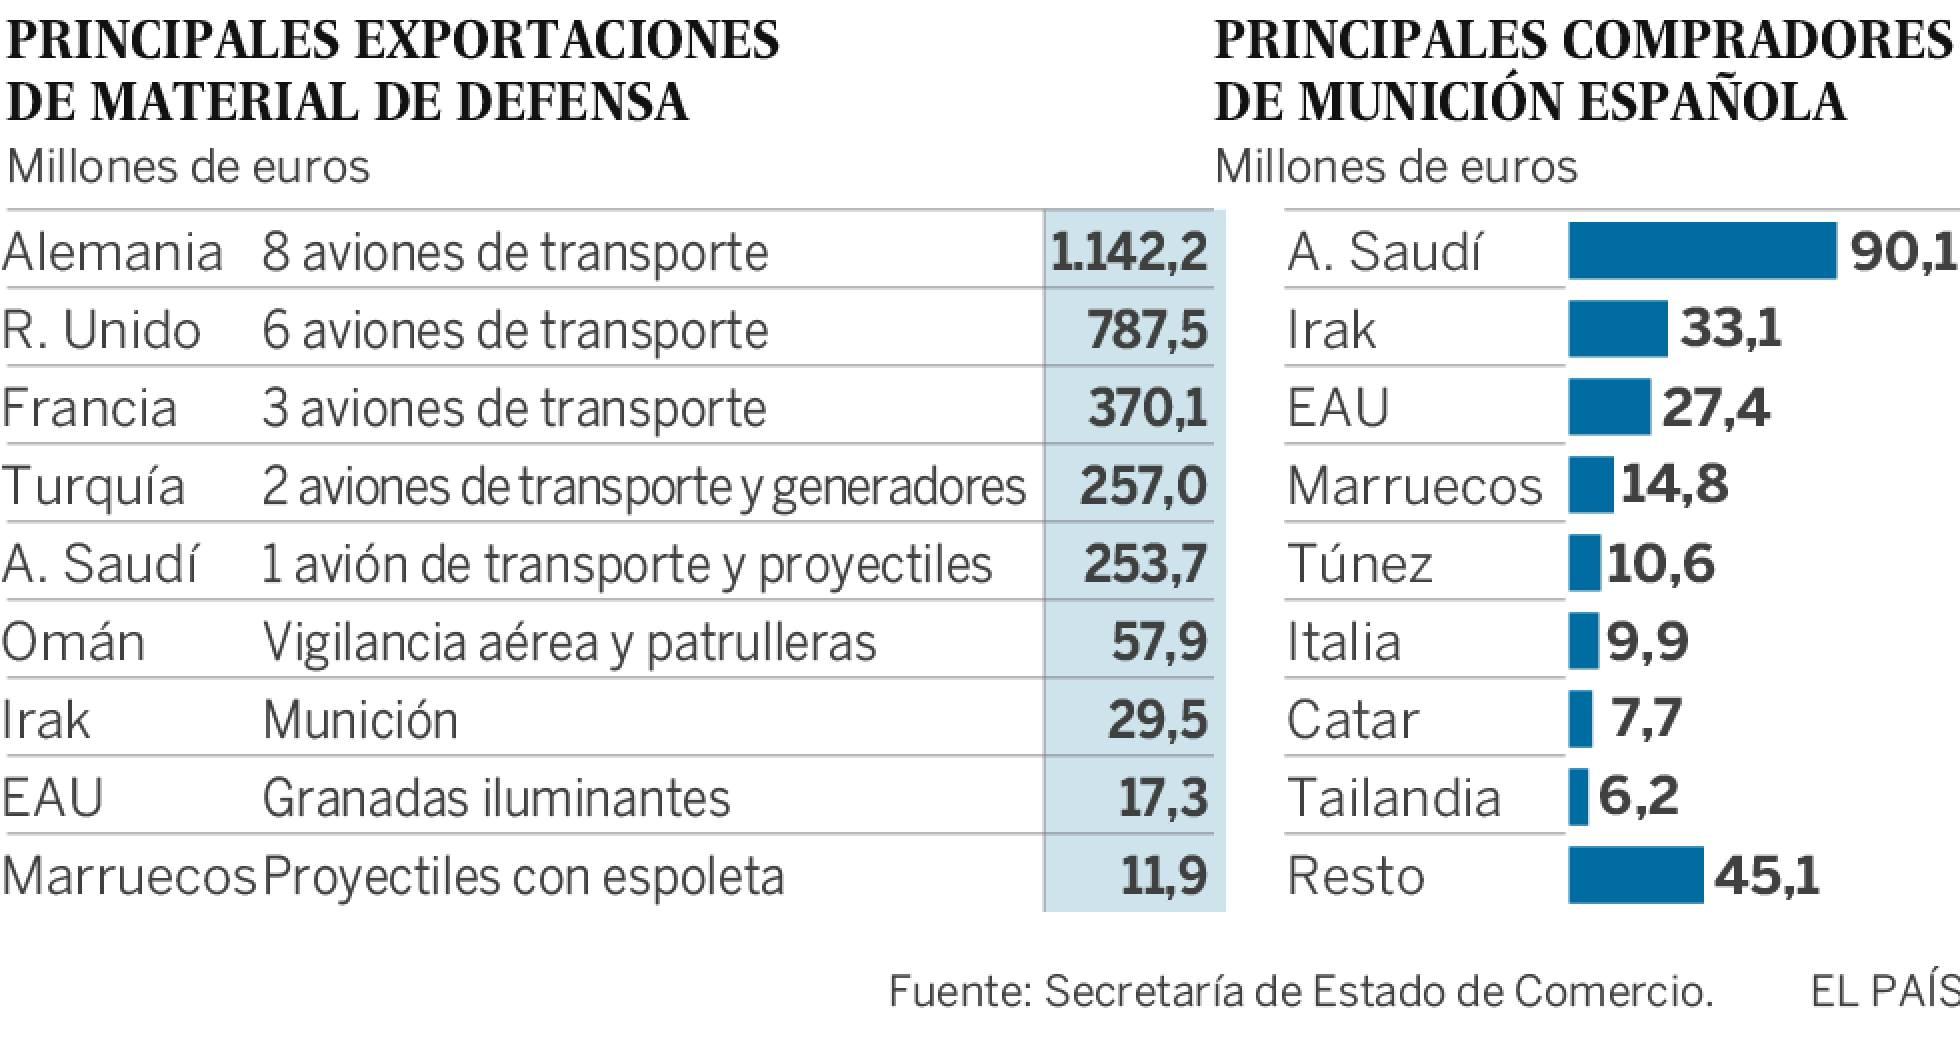 España: Industria militar y exportación de armas. Imperialismo capitalista y pacifismo... del otro lado. - Página 3 1526317522_421856_1526322143_sumario_normal_recorte1